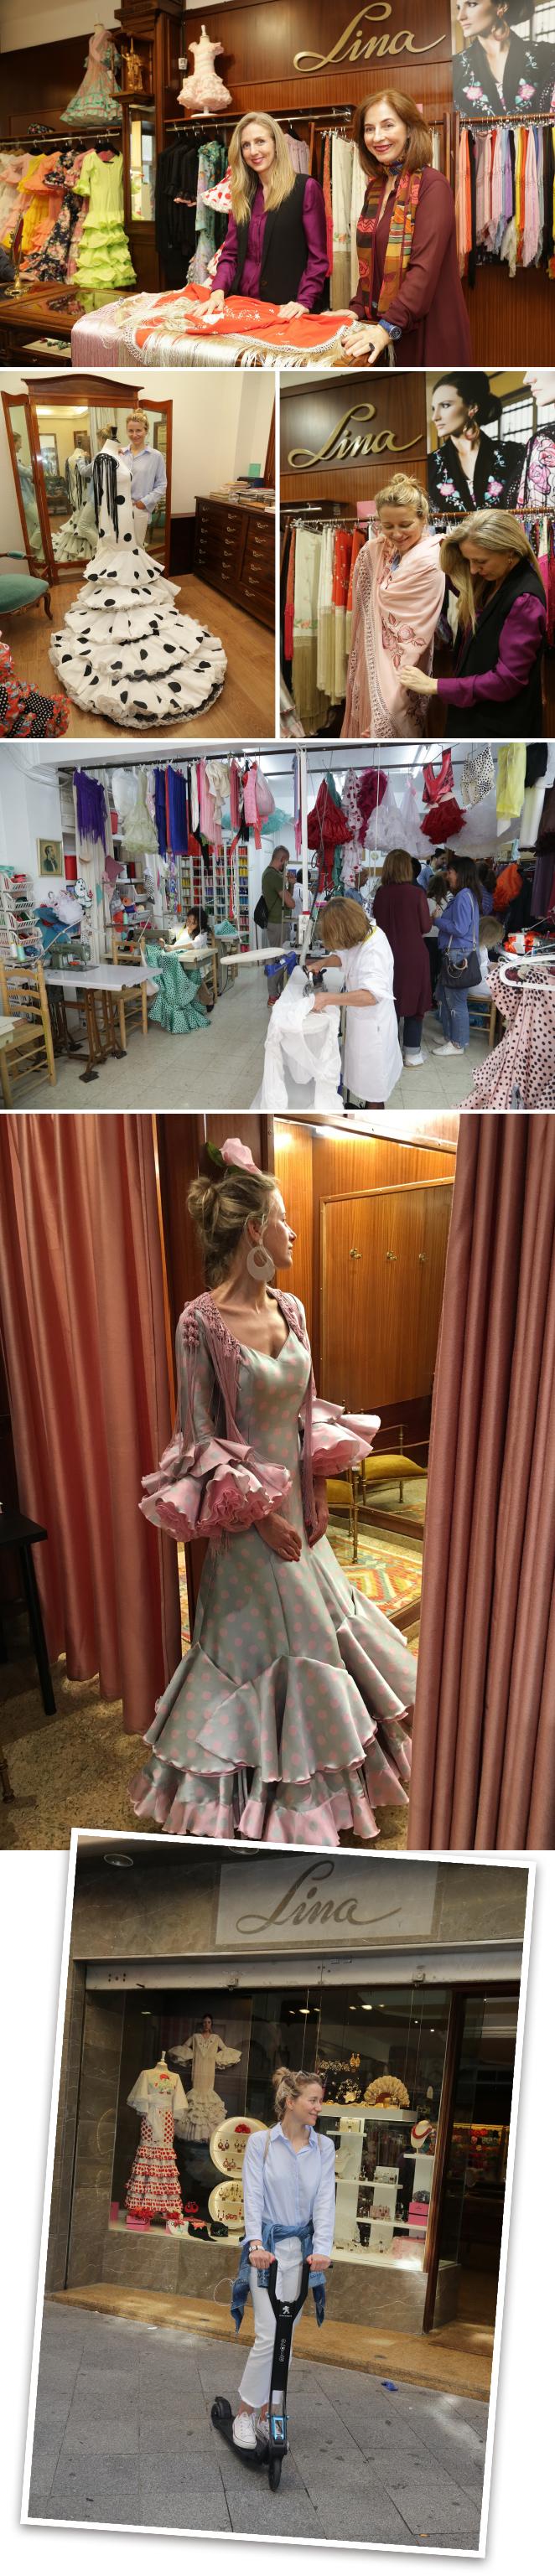 Luego tuvieron la oportunidad de adentrarse en el taller de Lina, la diseñadora más veterana de trajes de flamenca de Sevilla, que comenzó su carrera en 1969 y que saltó a la fama por ser la persona que vistió Grace Kelly durante su visita a la Feria de Abril con un precioso vestido blanco y rosa que quedará en nuestra memoria para siempre.